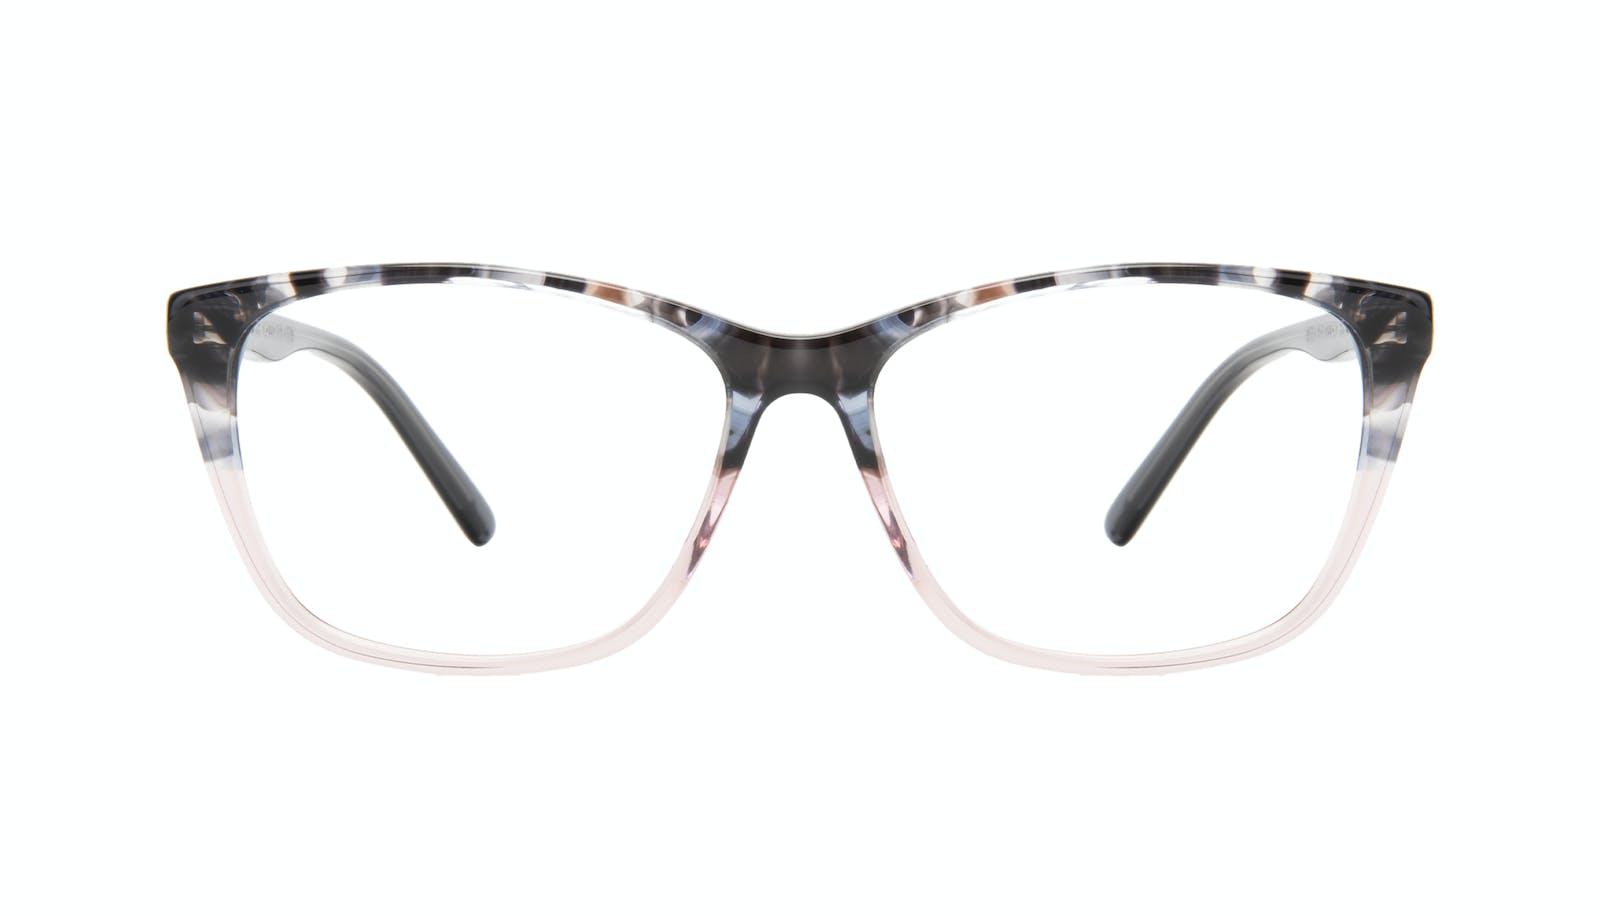 70abda3d1ea Affordable Fashion Glasses Cat Eye Rectangle Eyeglasses Women Myrtle  Carbone Pink